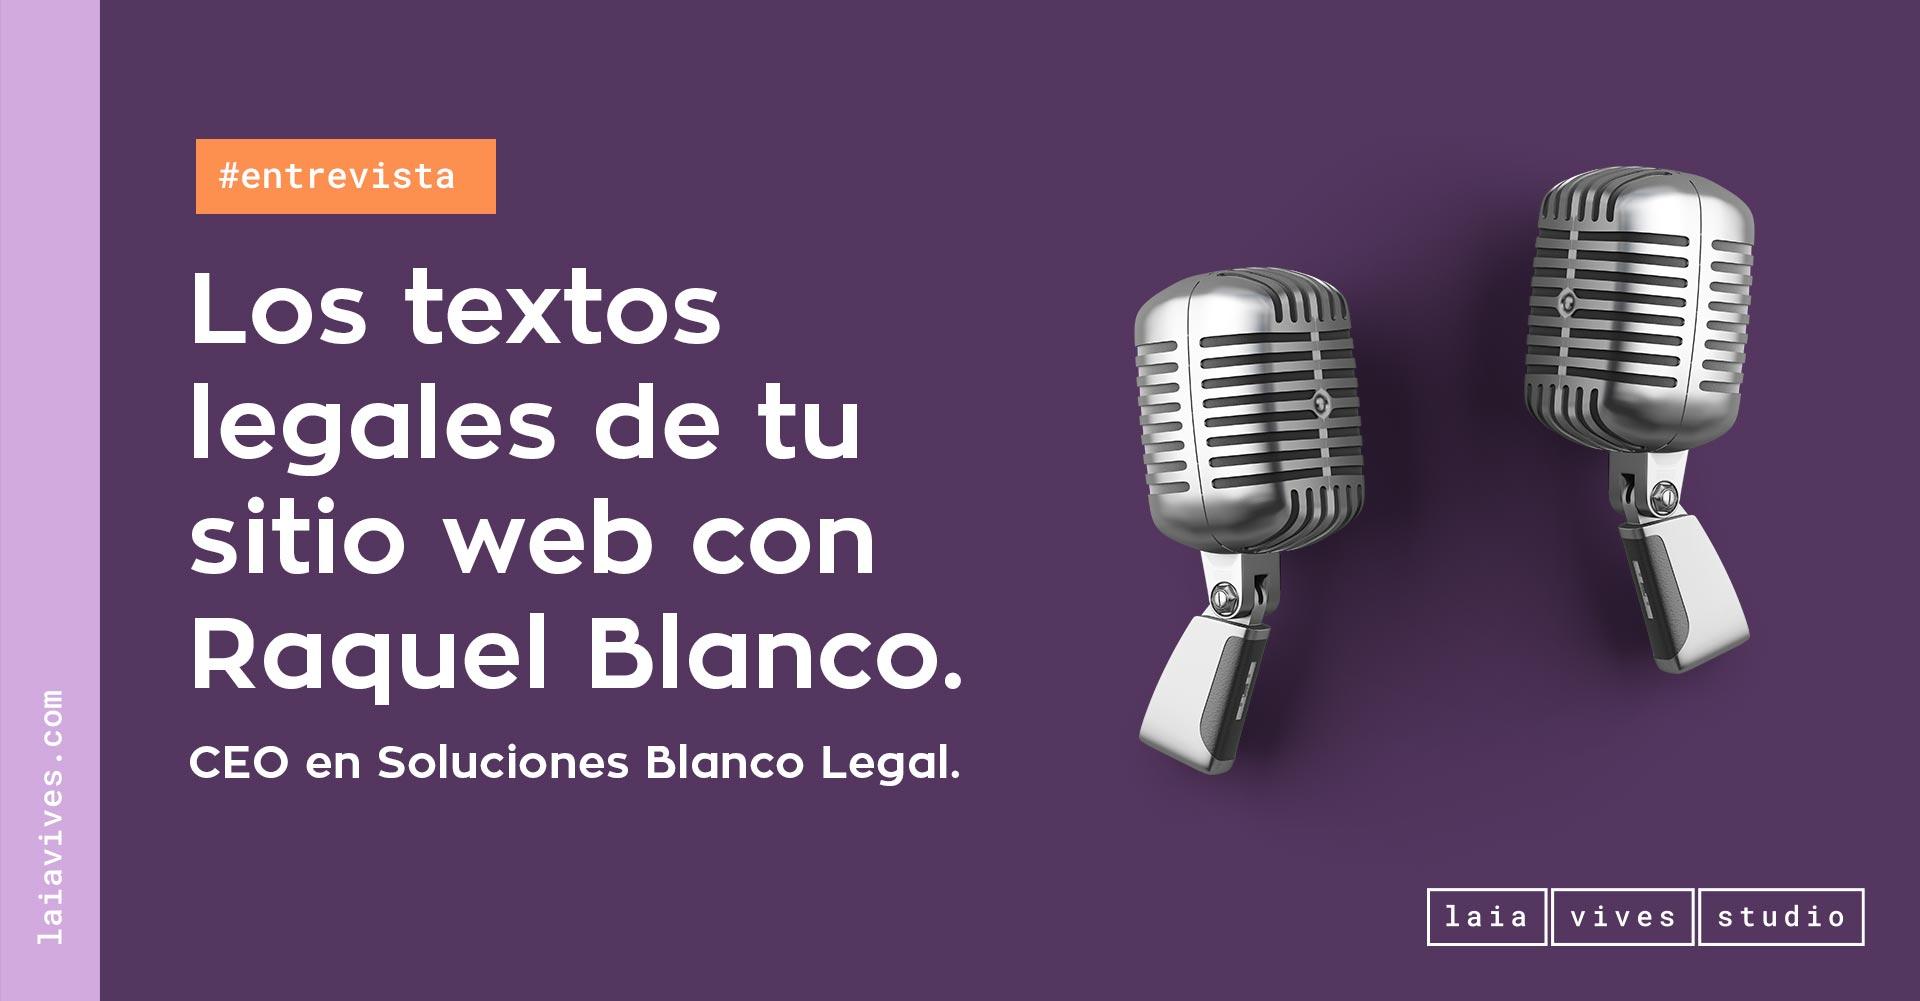 Textos legales de tu web con Raquel Blanco